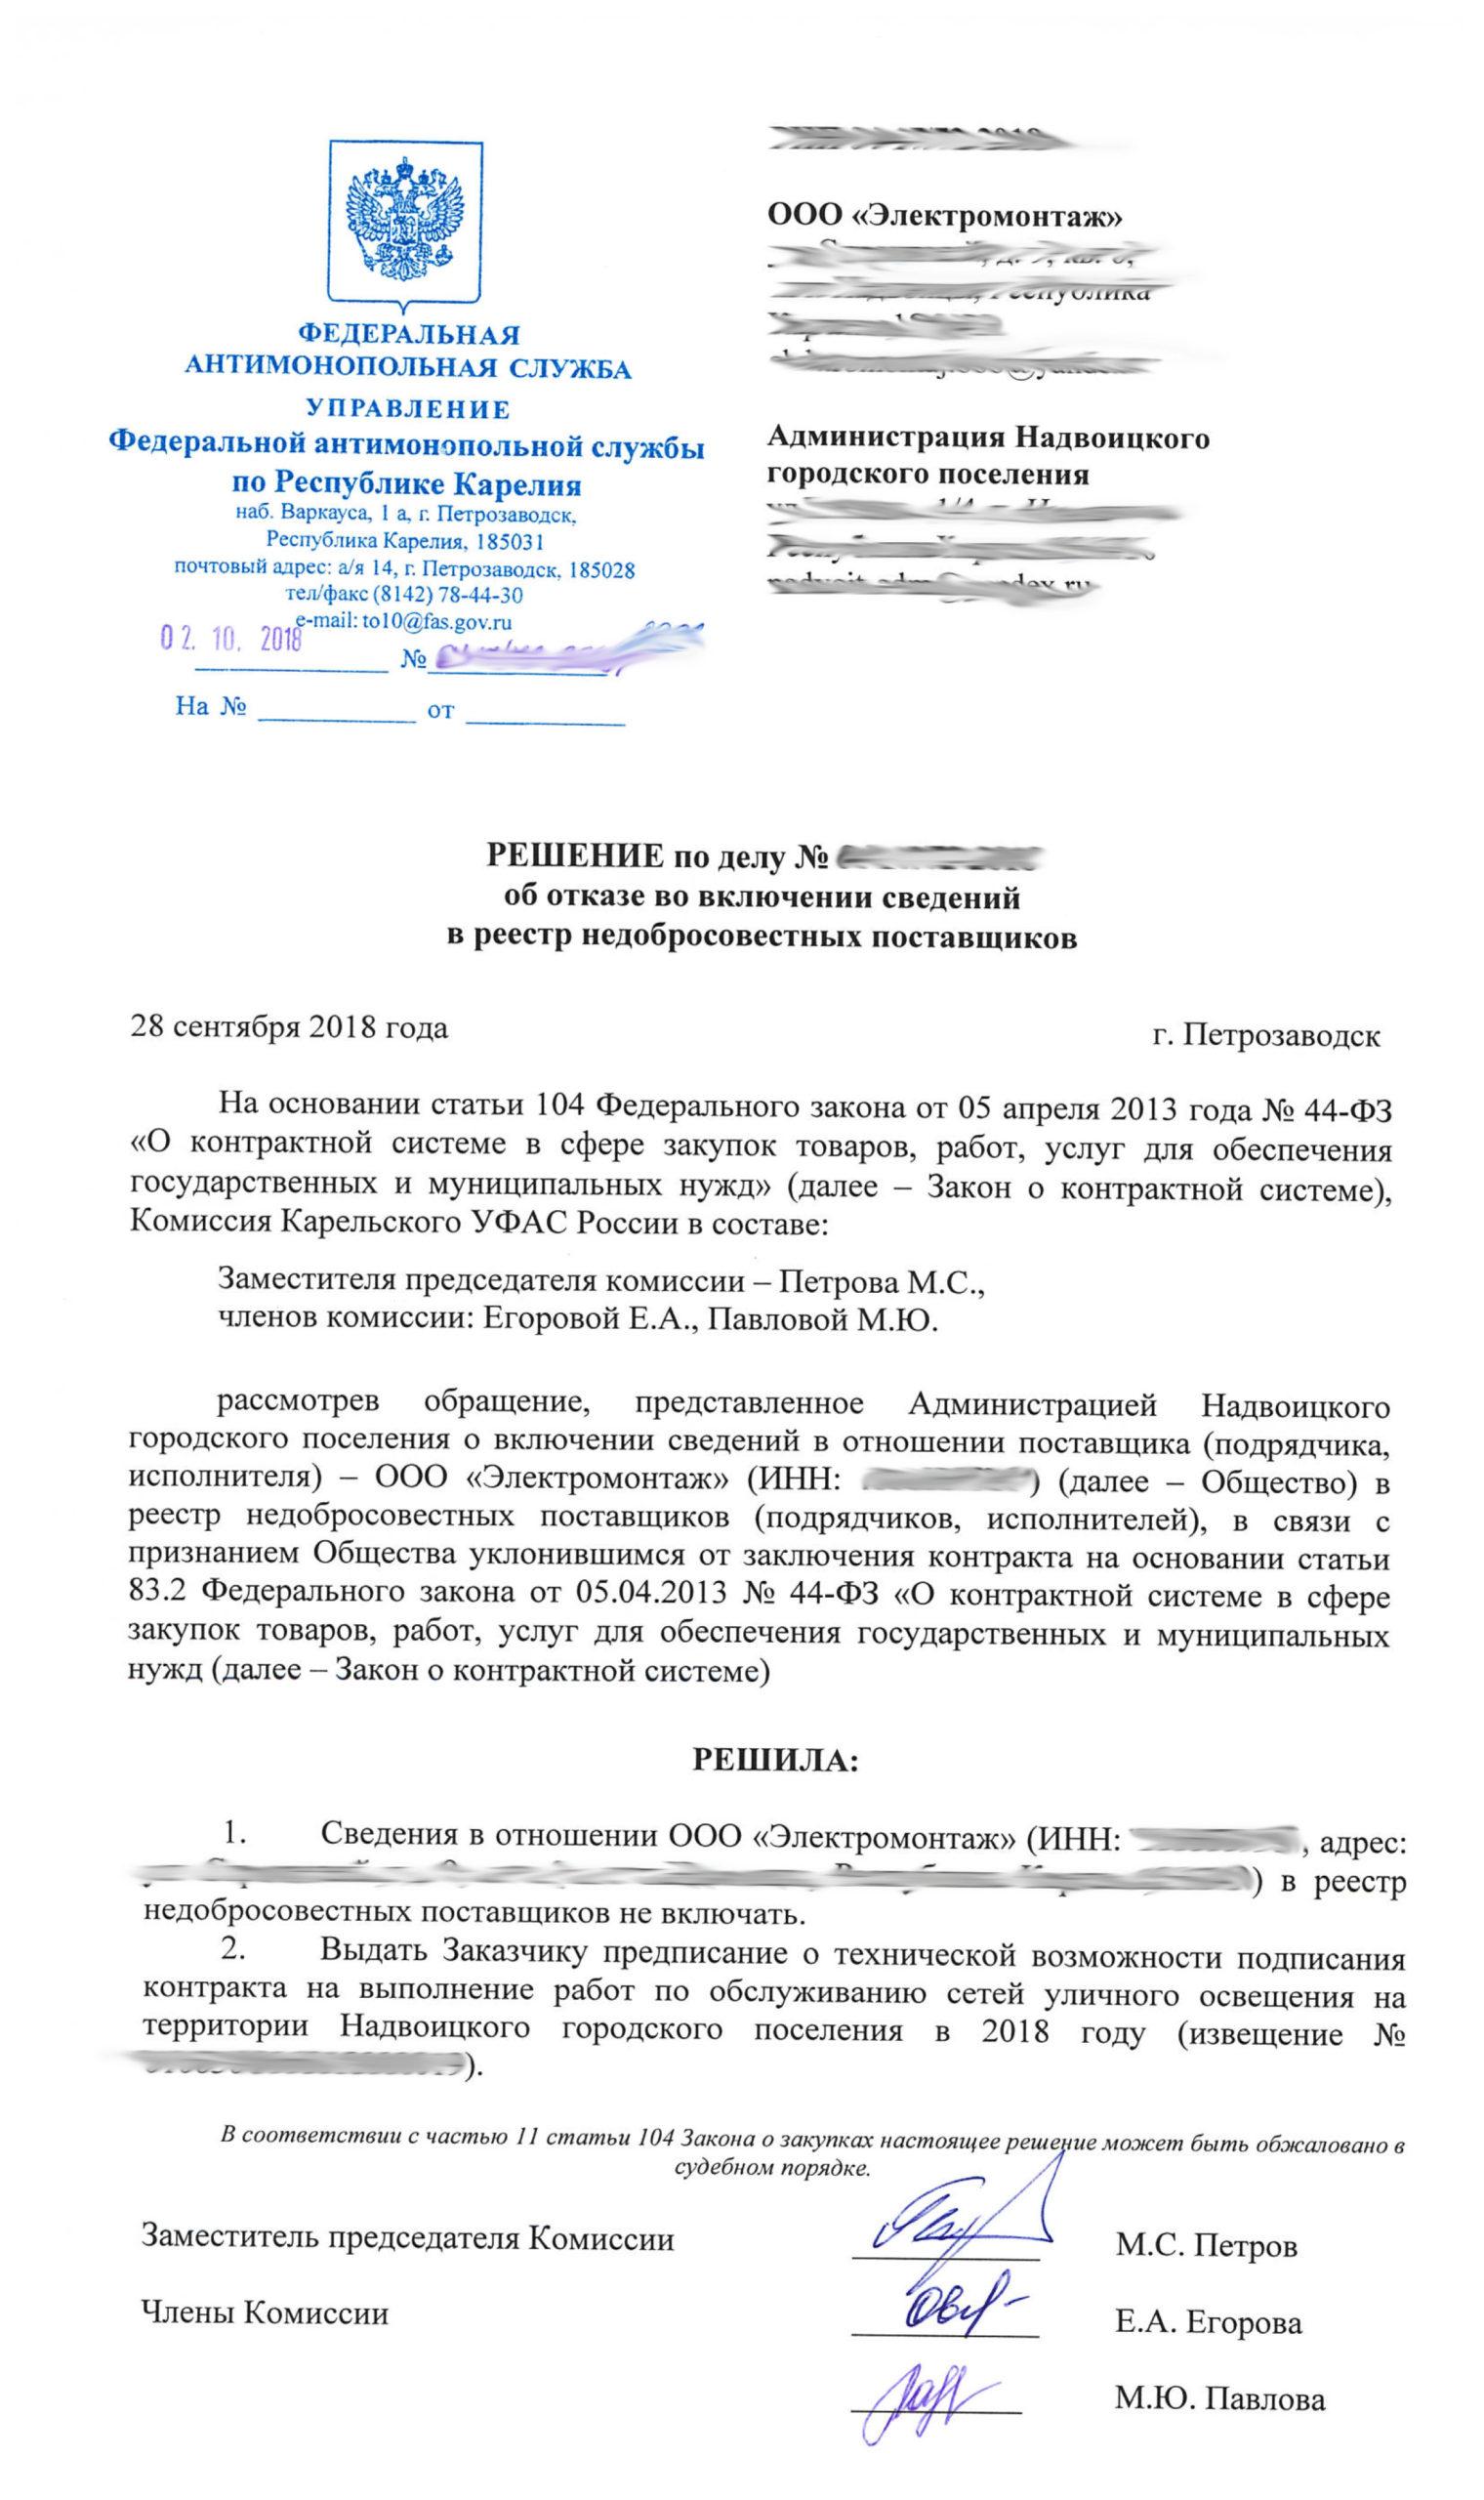 УФАС по Республике карелия Электромонтаж решение